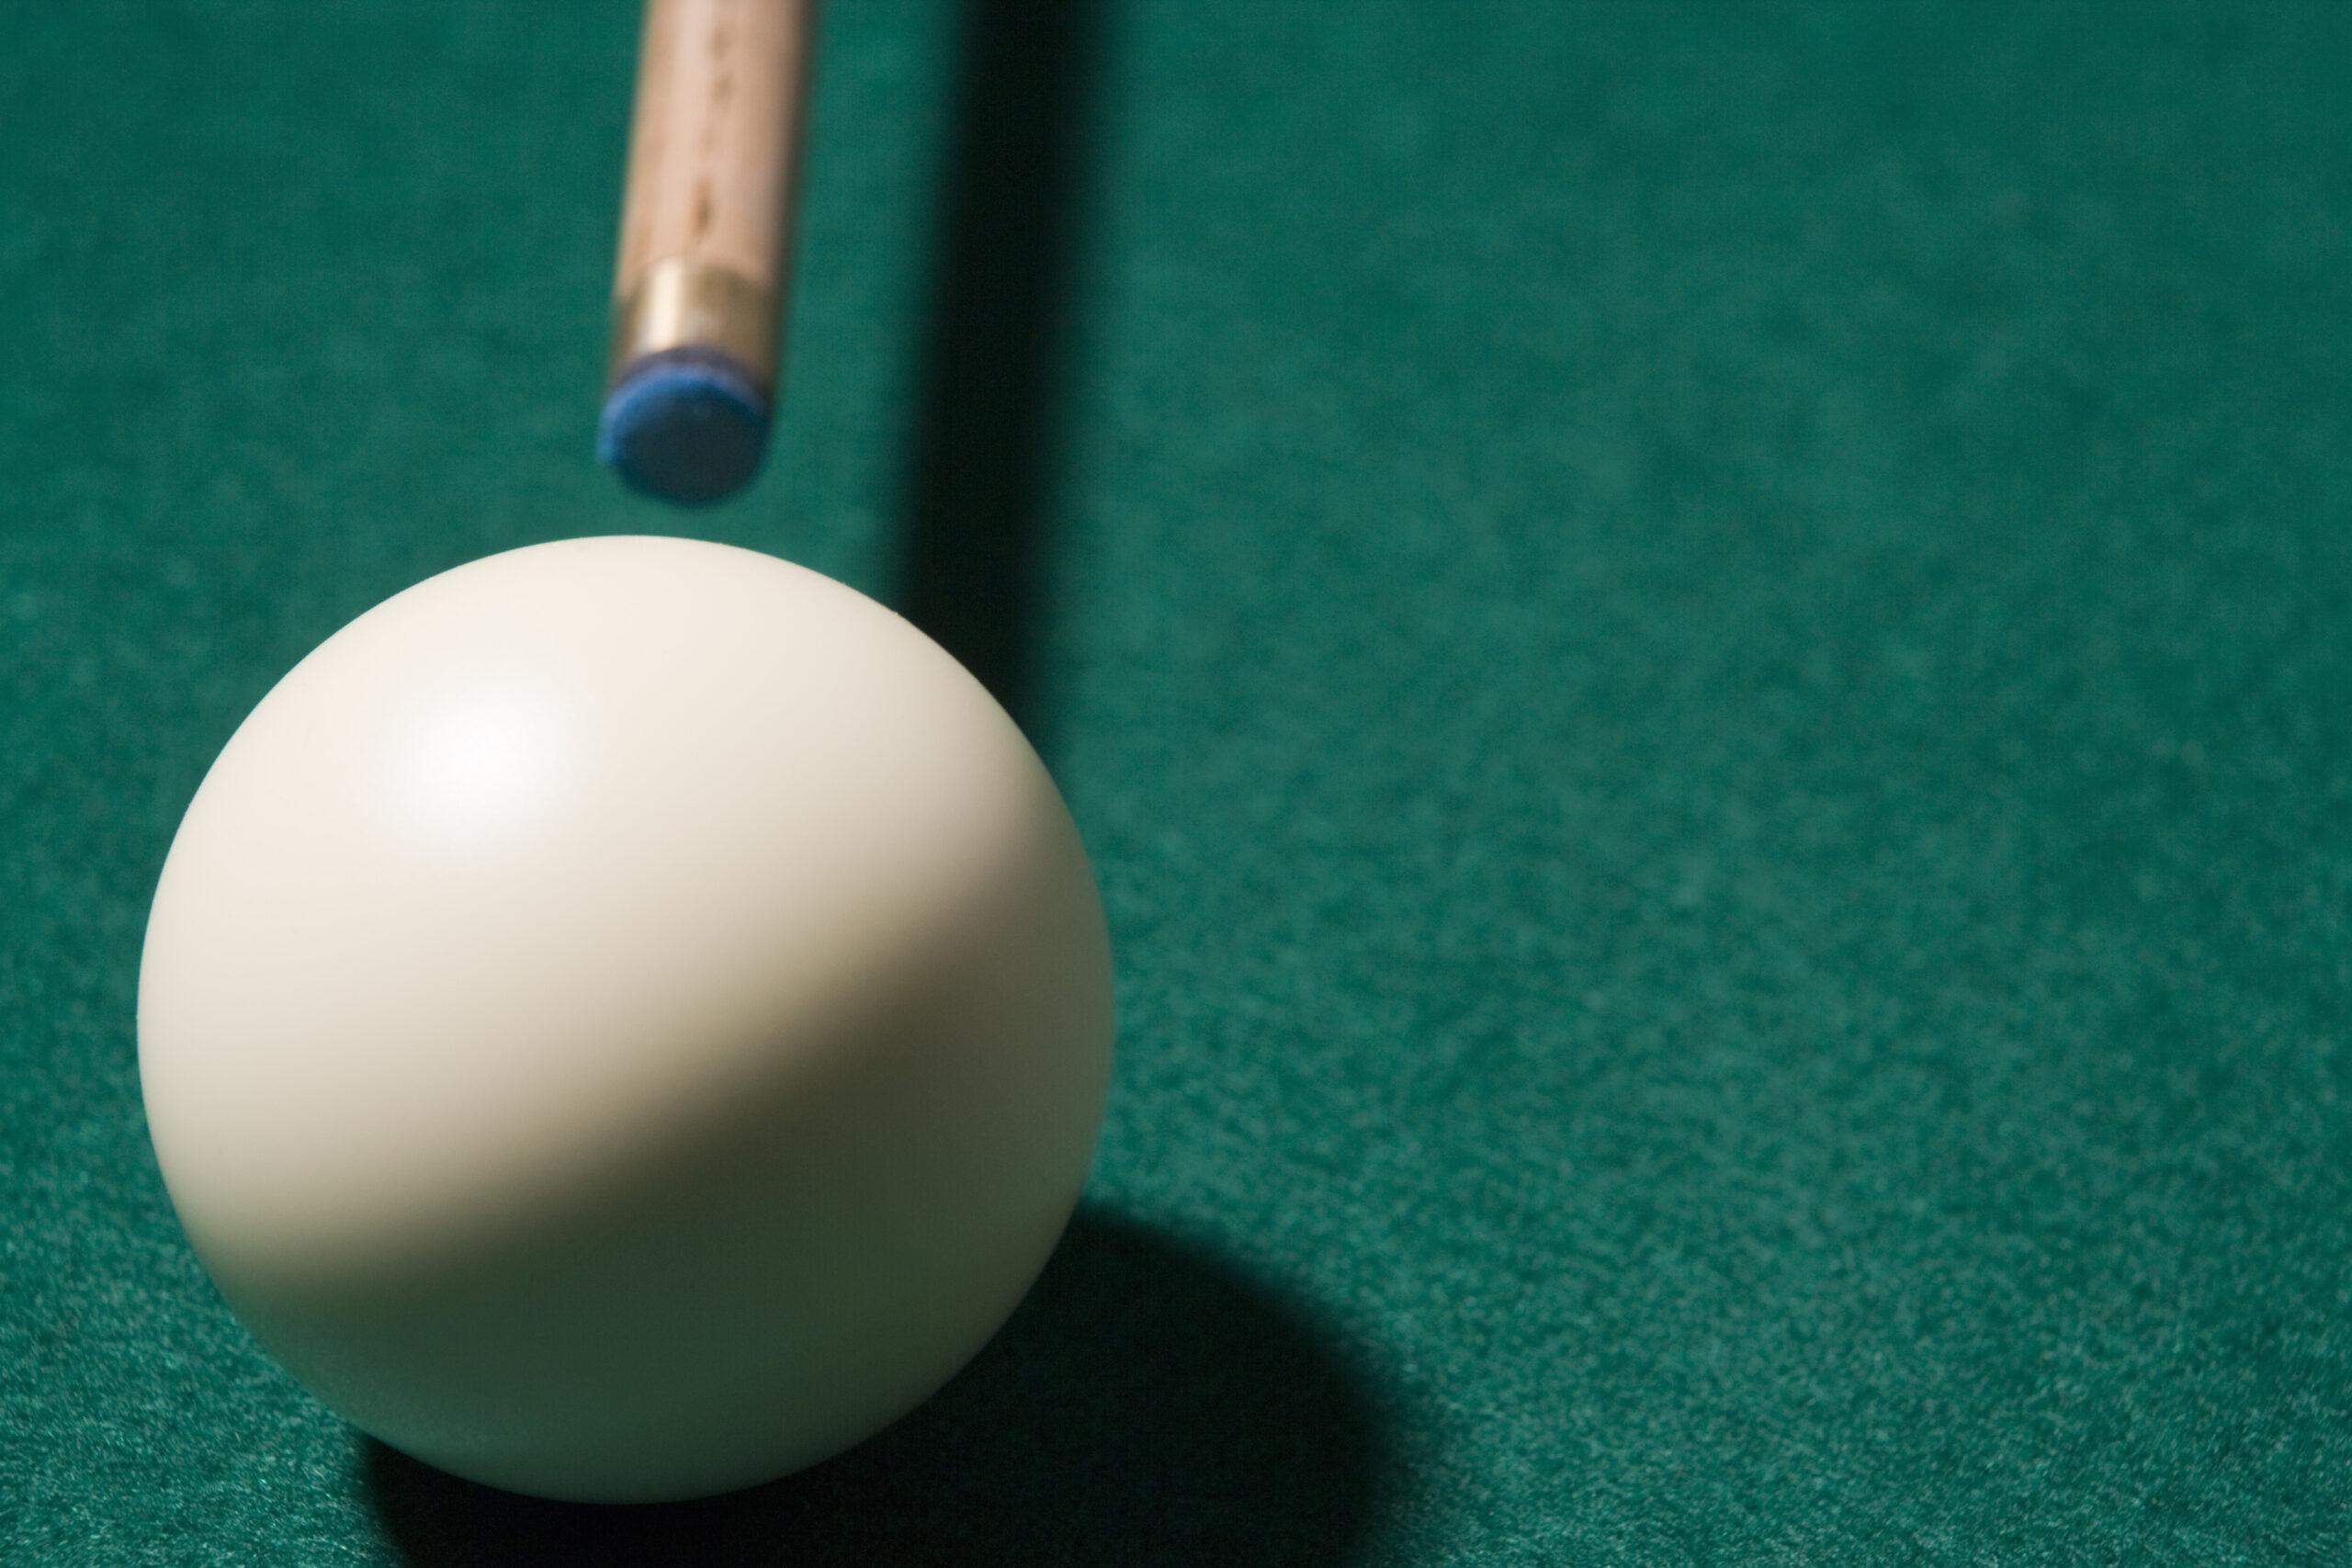 Pool cue ball